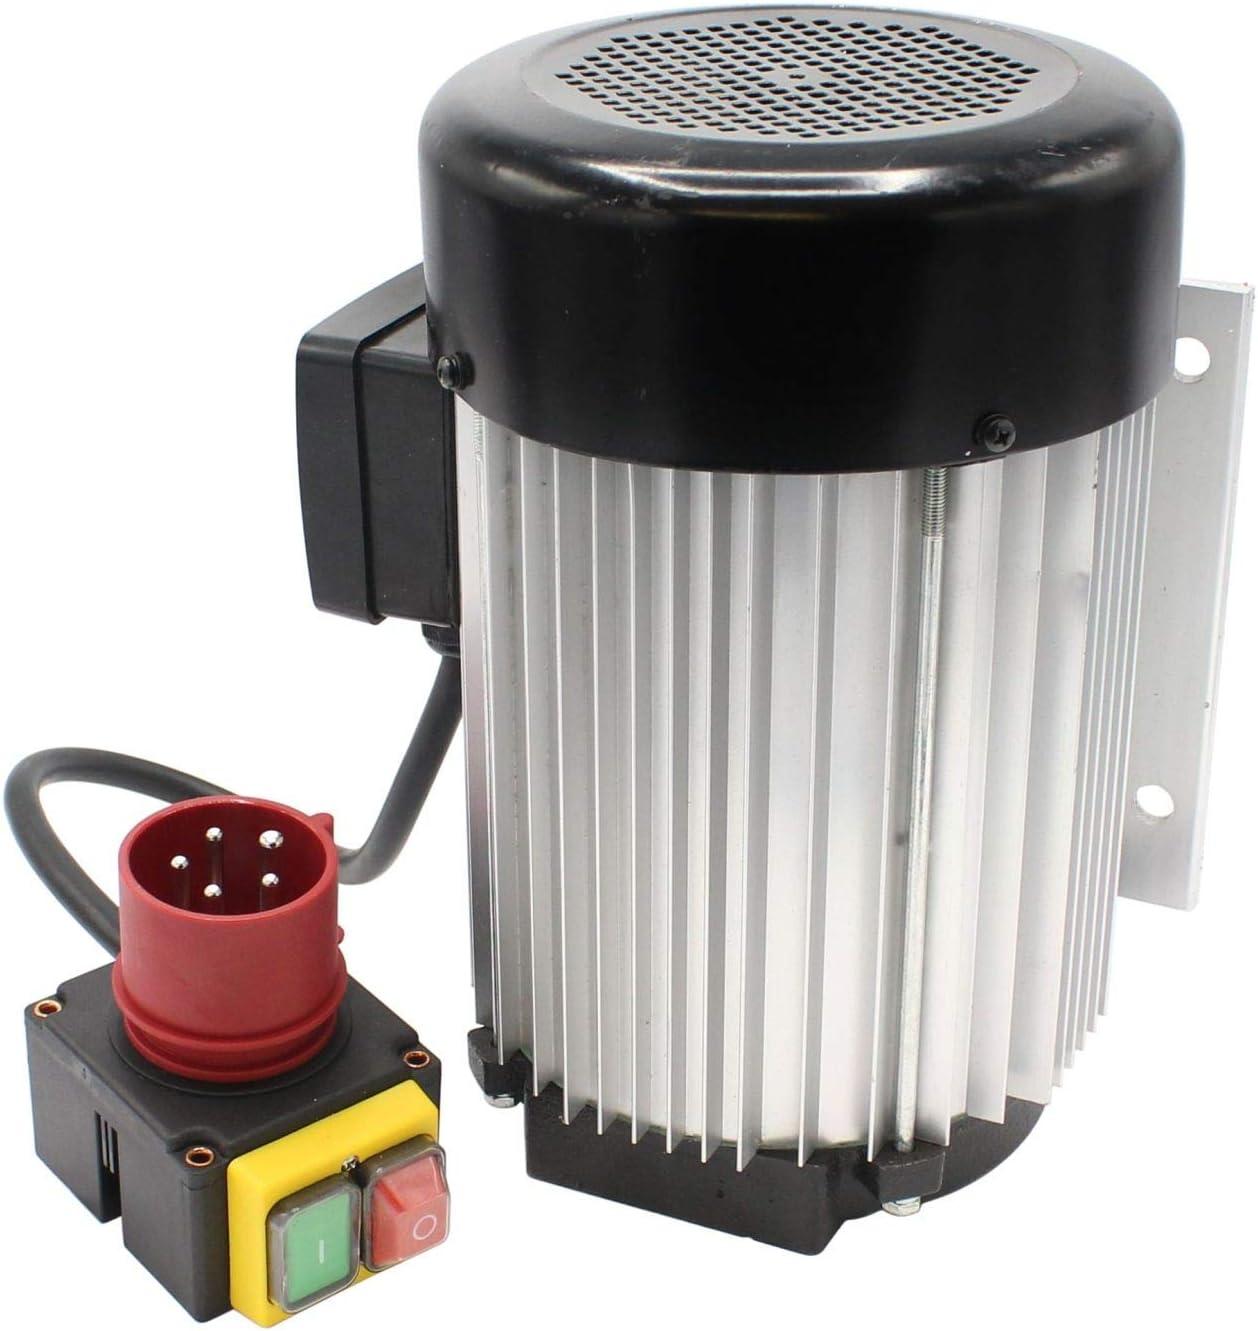 Elektromotor 400V Schalter passend Woodster LF 100 Holzspalter